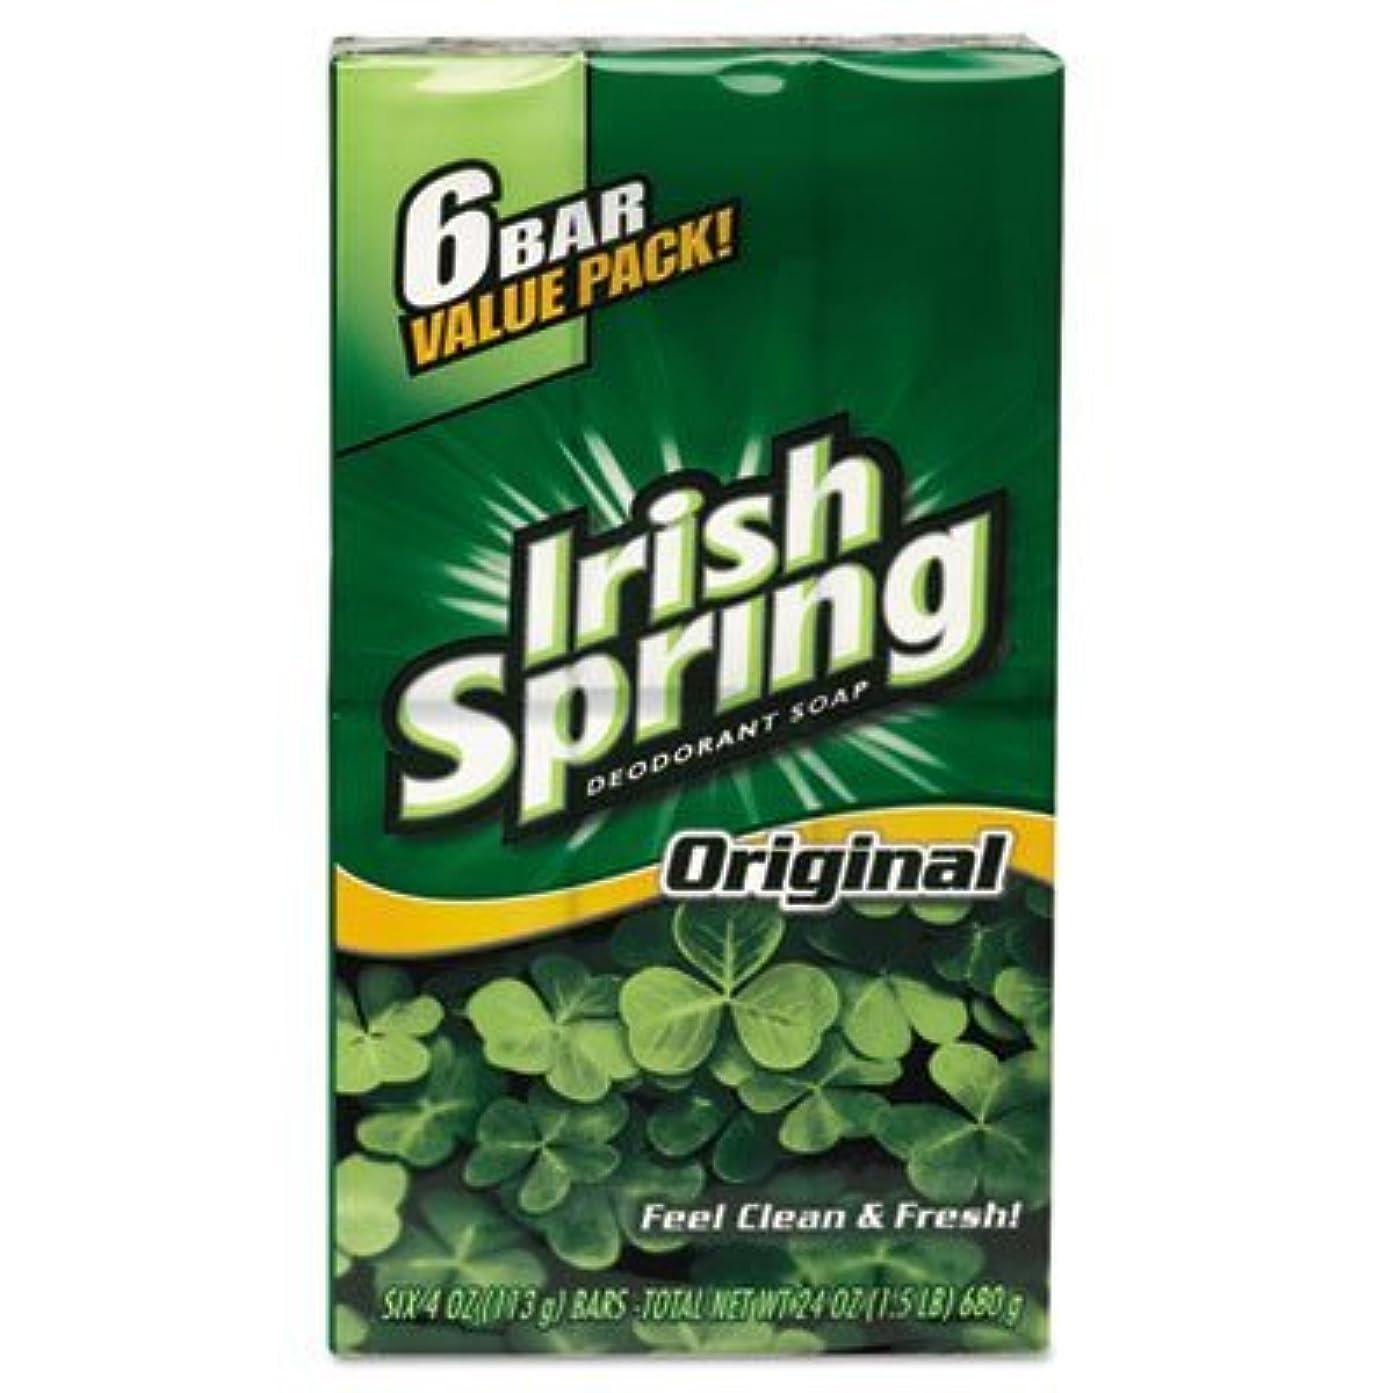 うるさいどれか医療過誤Colgate アイルランドの春デオドラントソープ3.75Oz。 (6バール)